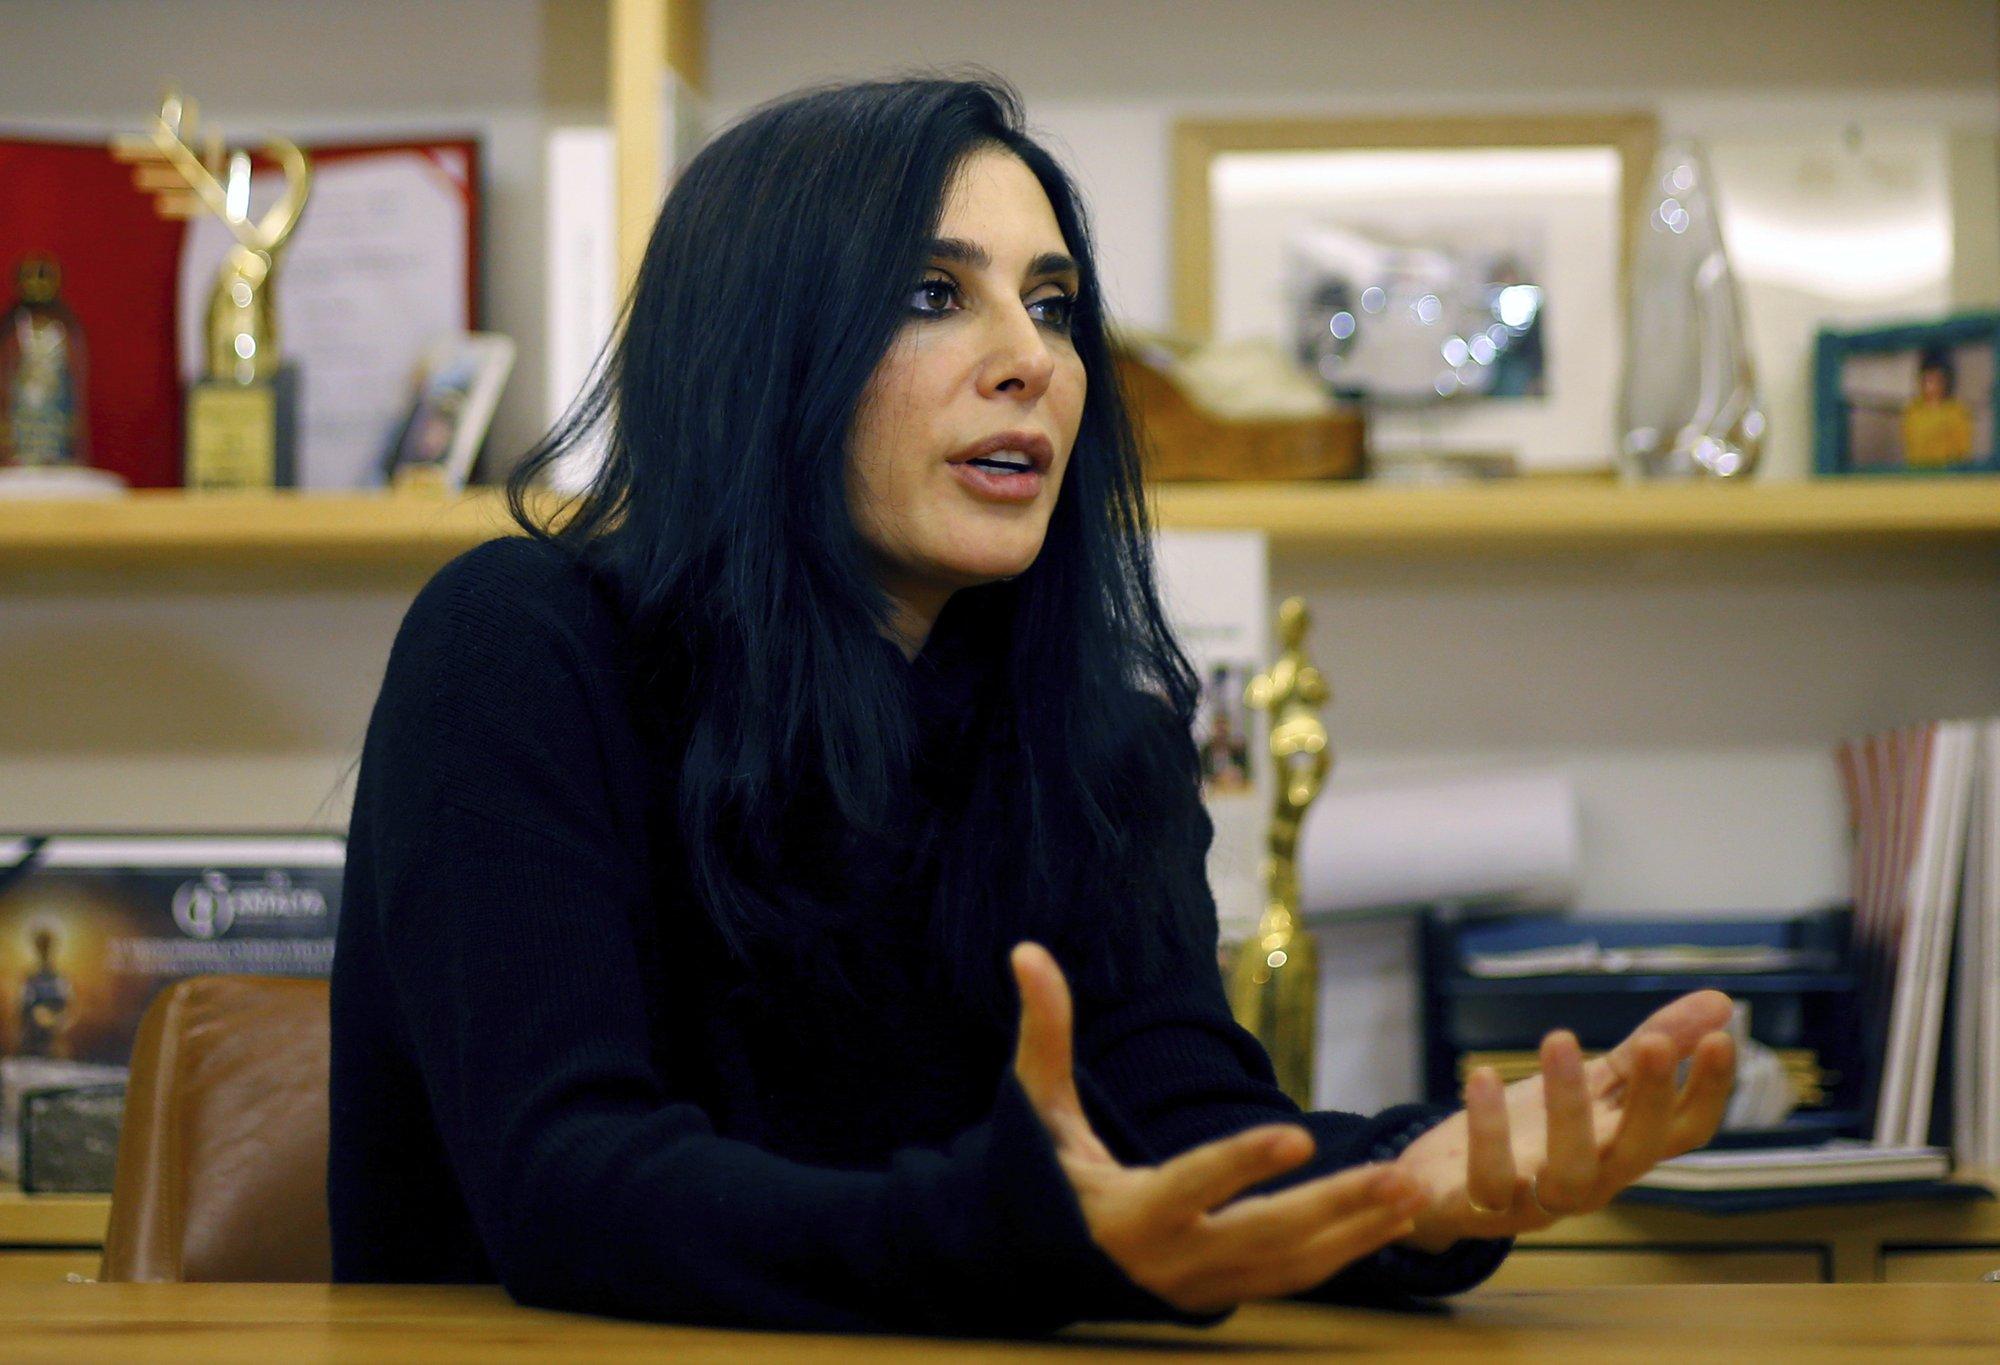 Lebanon's star filmmaker makes Oscars history with her nom